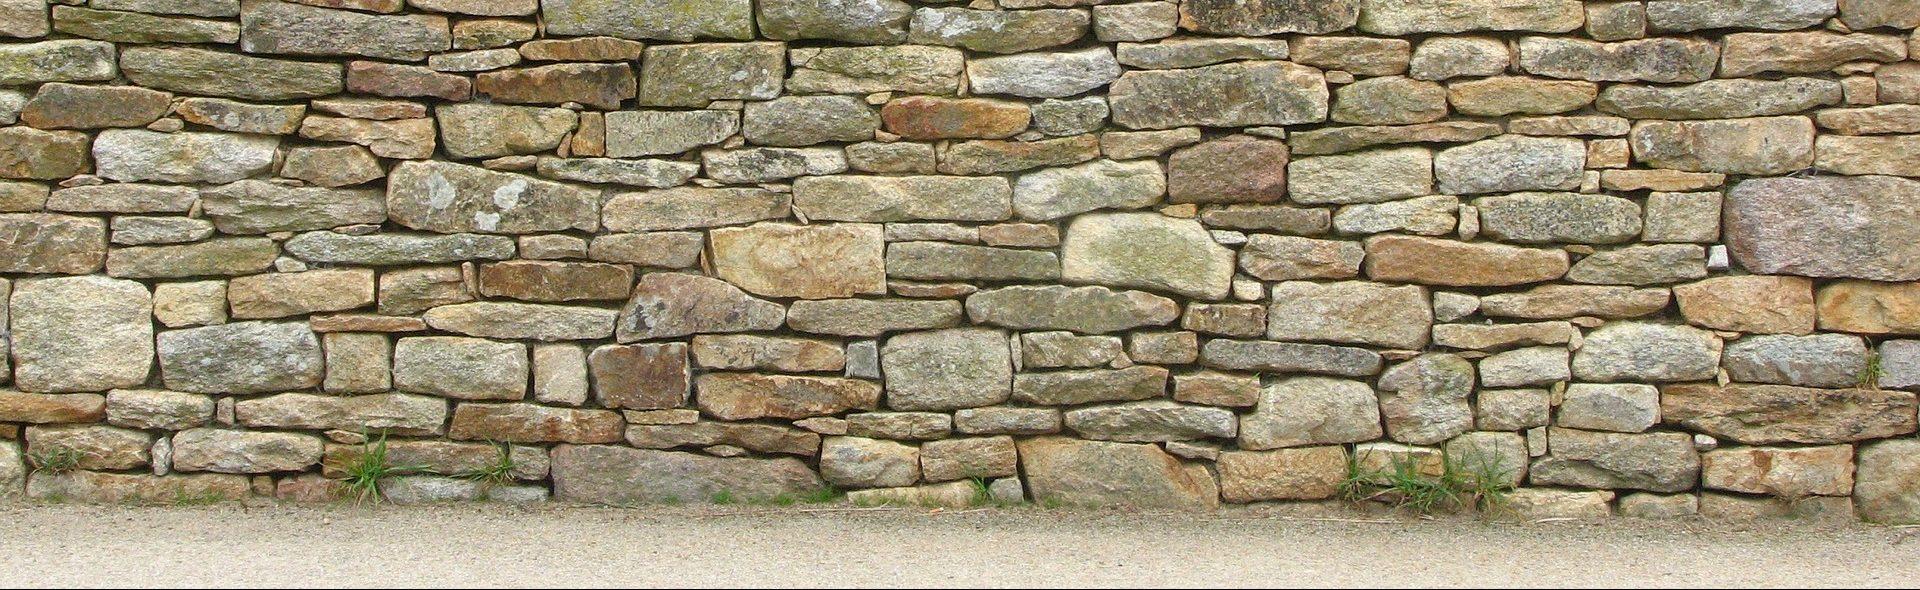 Sur Quoi Poser Un Abri De Jardin réaliser une fondation pour mur de clôture – tout sur le béton